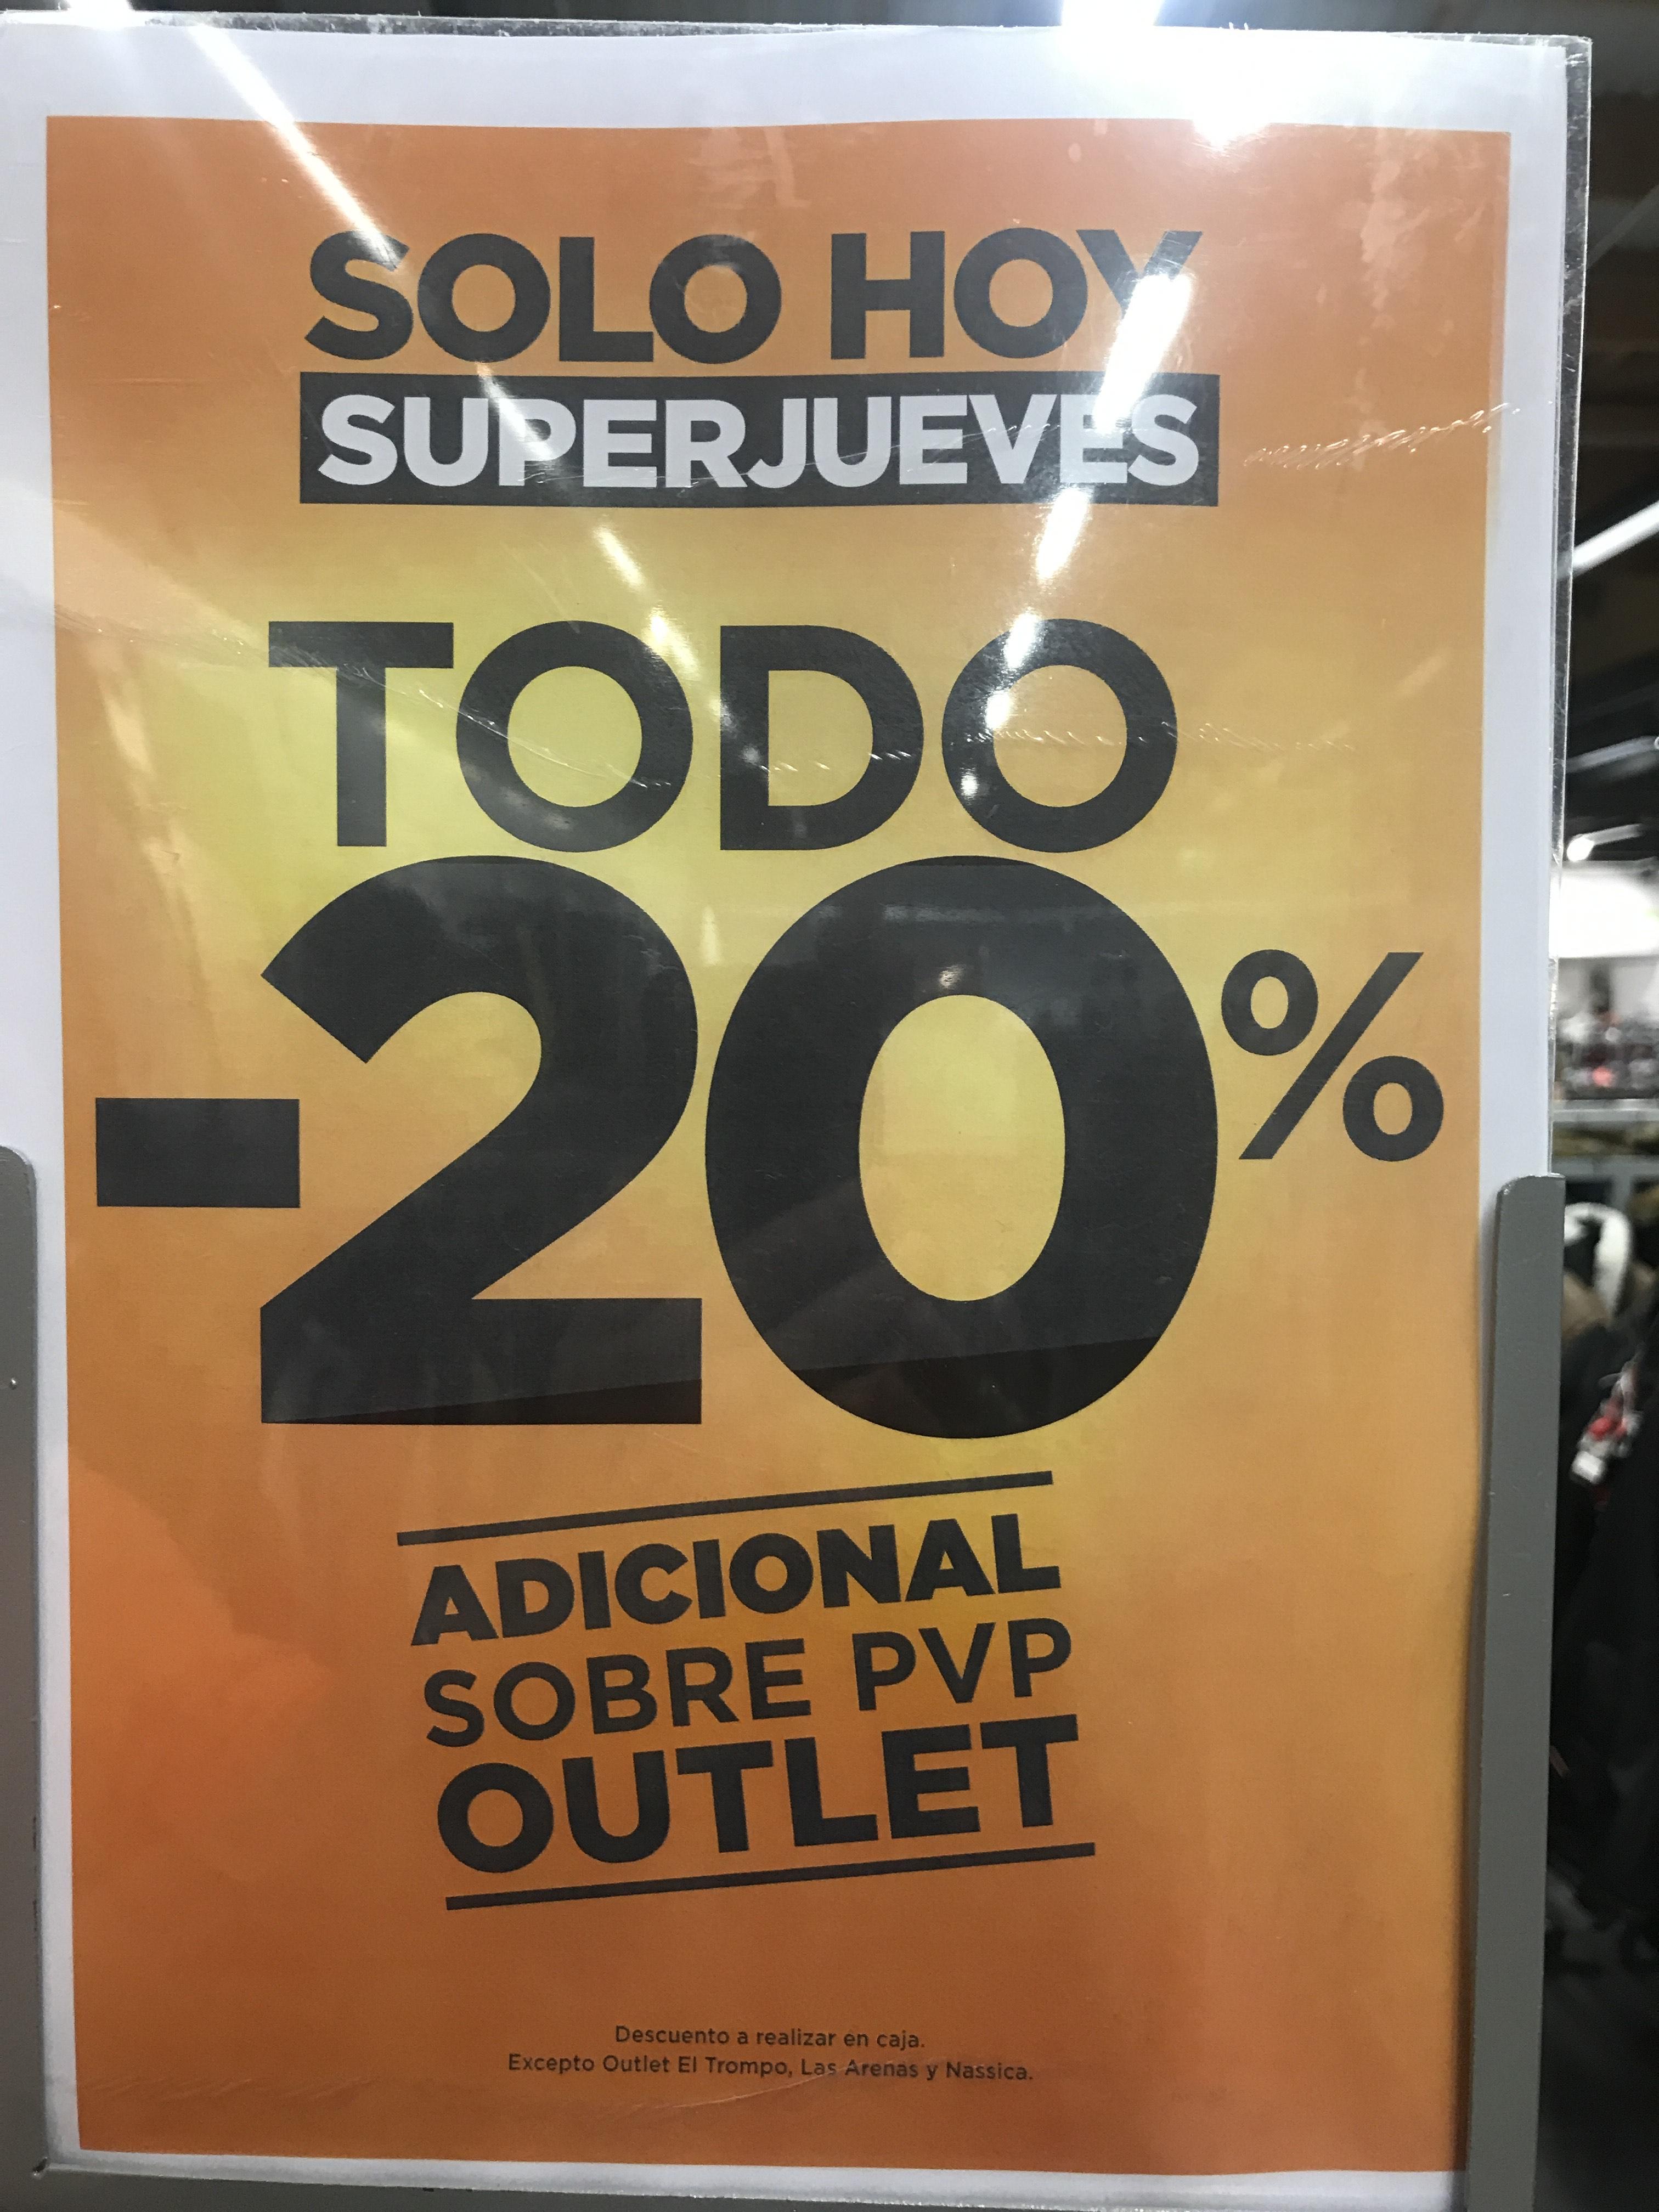 -20% adicional en TODO Outlet El Corte Inglés